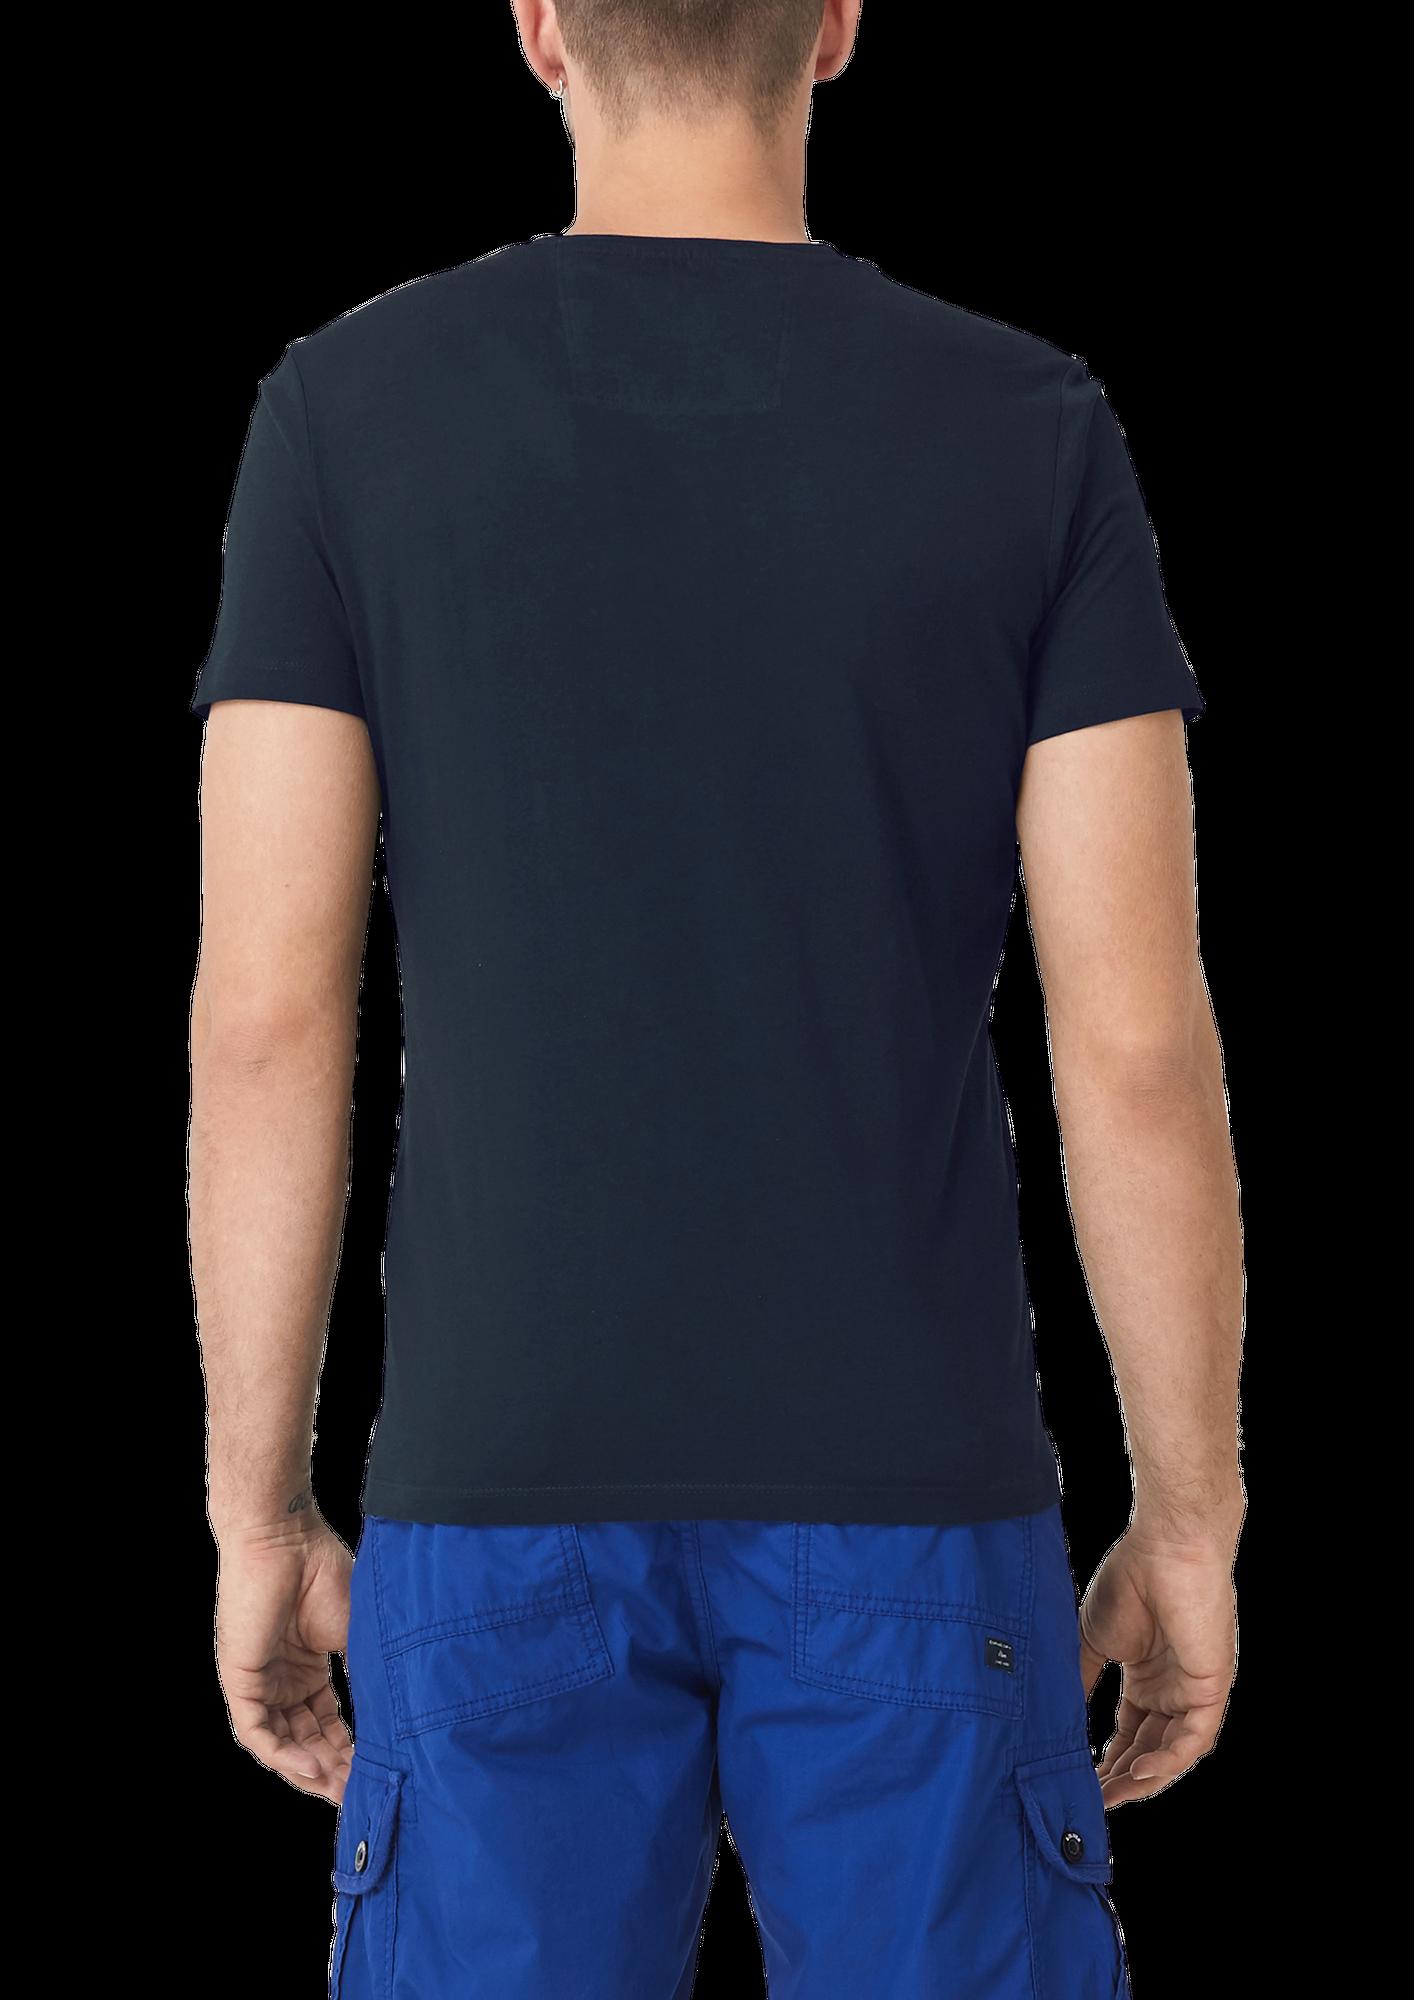 s.Oliver Herren T-Shirt, Rundhals Slim Fit, 2 Stück – Bild 14